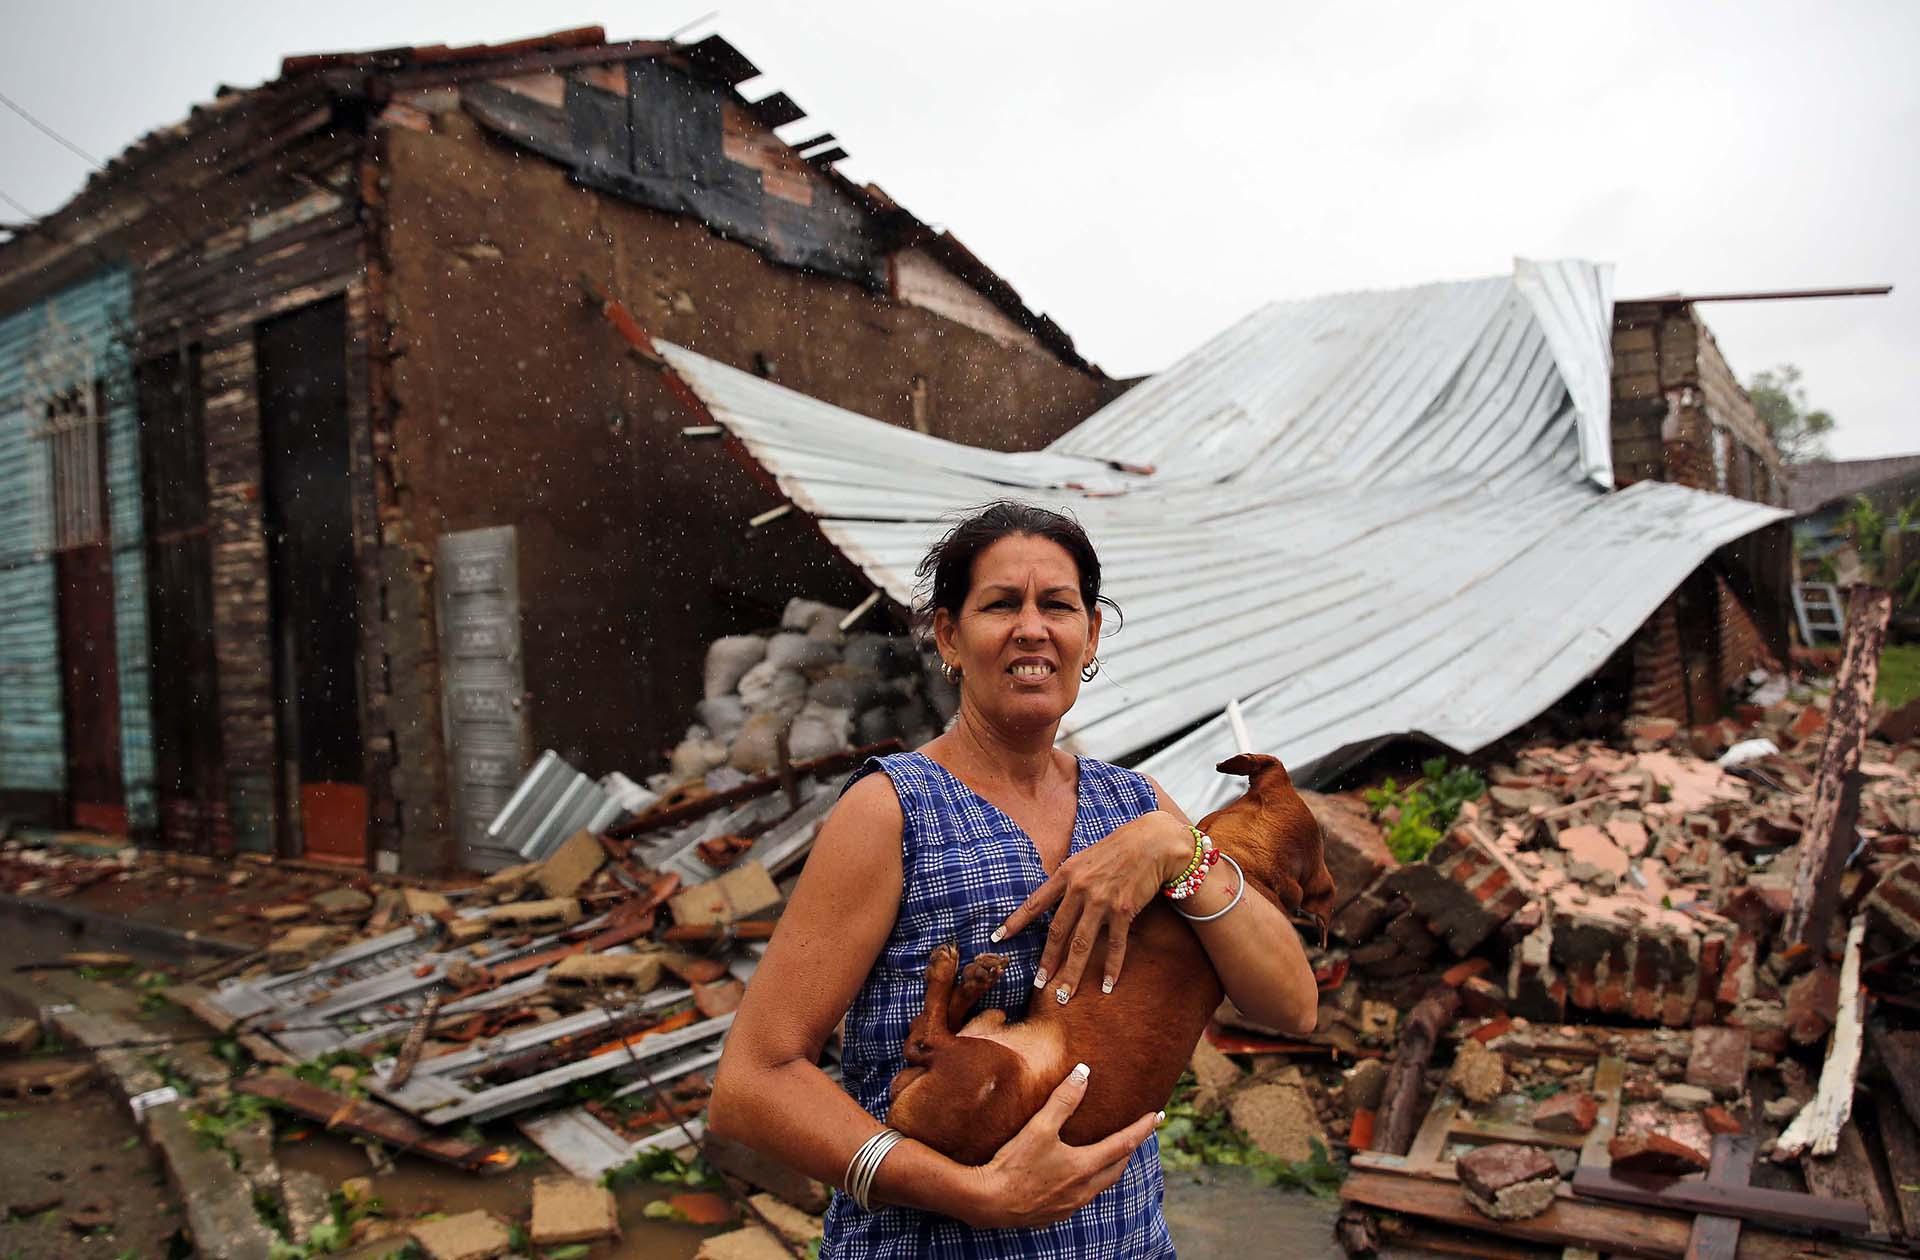 Una mujer posa con su perro frente a su casa destruida por el paso del huracán Irma en la ciudad central de Remedios, Cuba (EFE)